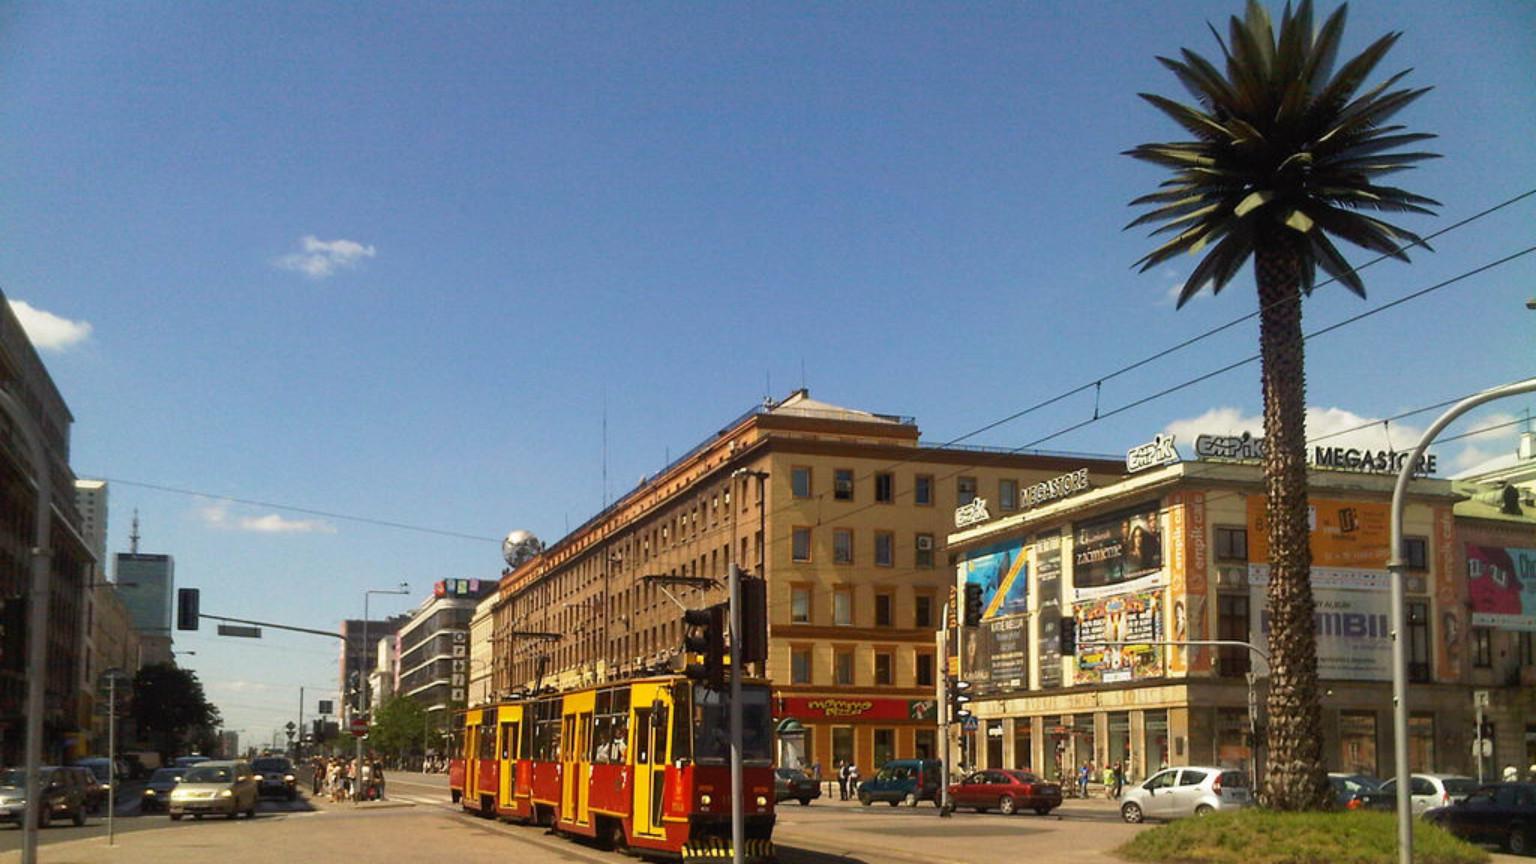 Zdjęcie dla kartki: Warszawa pod palmami